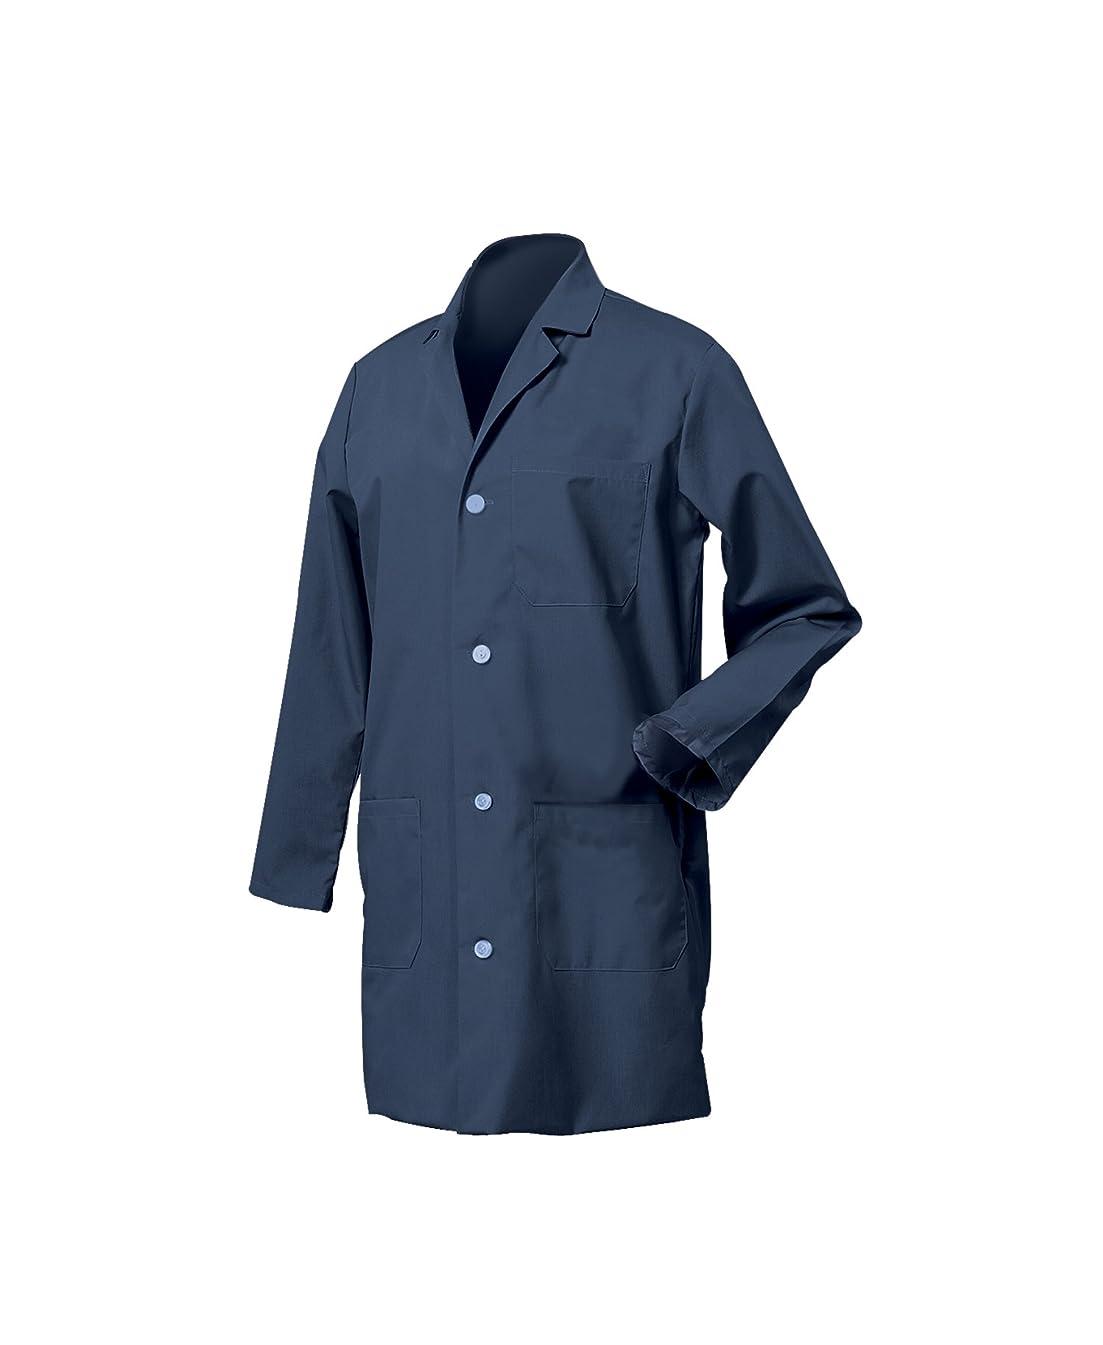 担保離れて発動機Worklon 431S Polyester/Cotton Unisex Lab Coat with Button Front Closure, Small, Navy Blue by Worklon